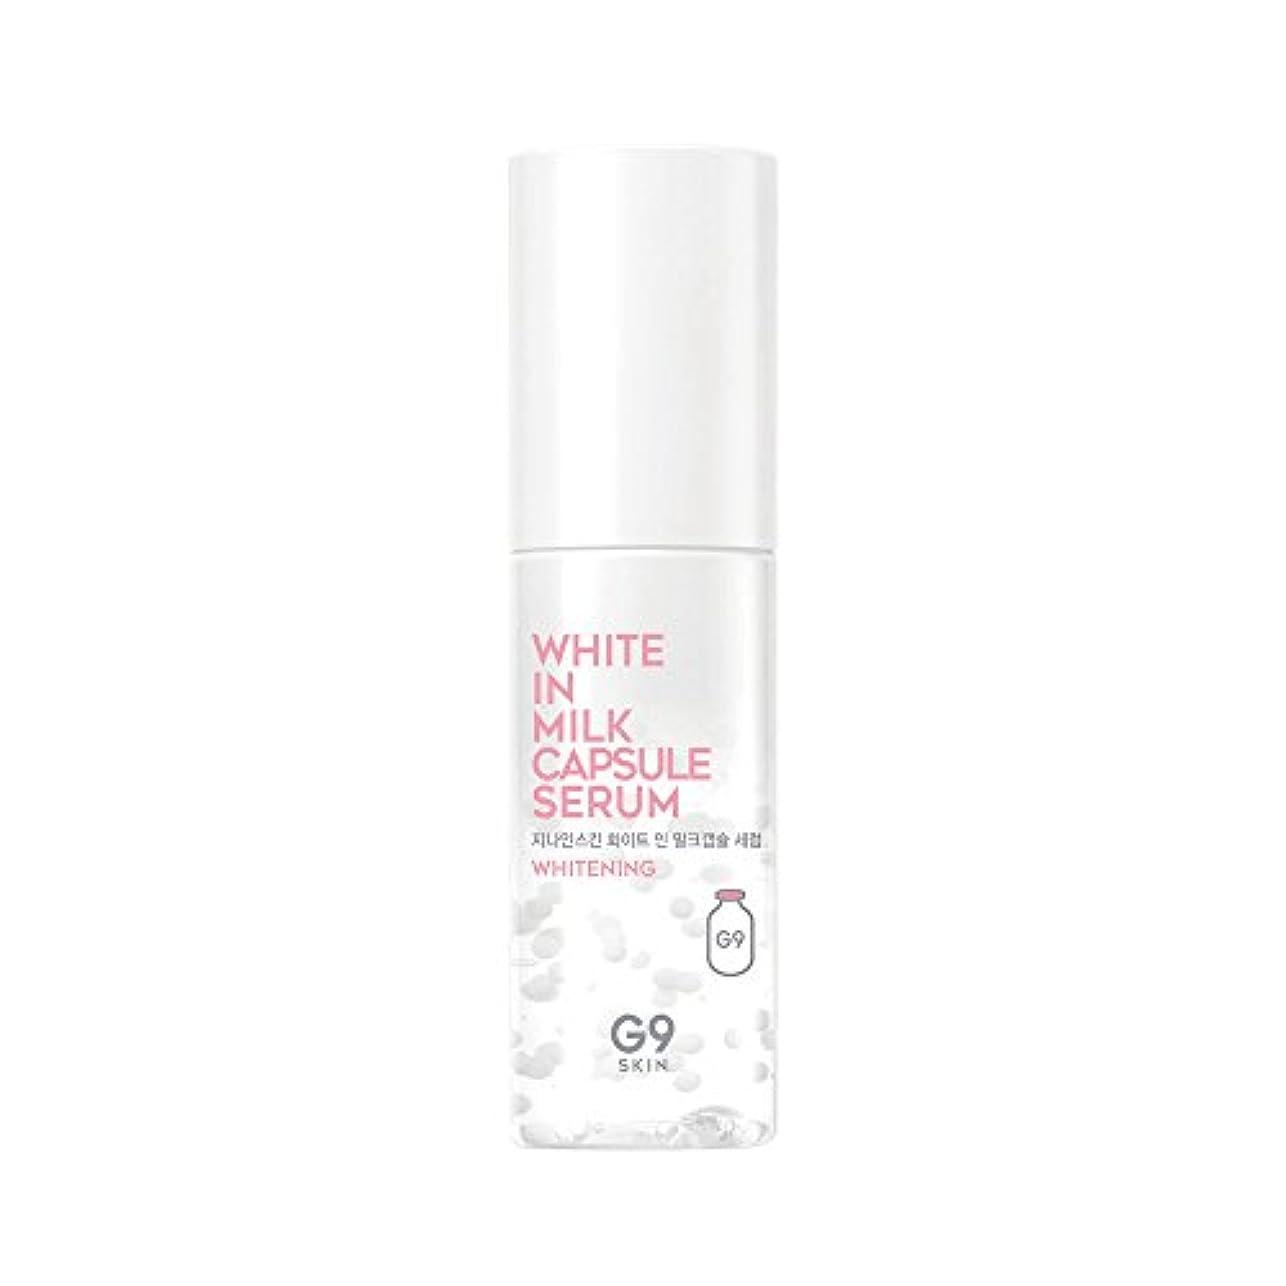 不確実人生を作る十G9SKIN(ベリサム) White In Milk Capsule Serum ホワイインミルクカプセルセラム 50ml